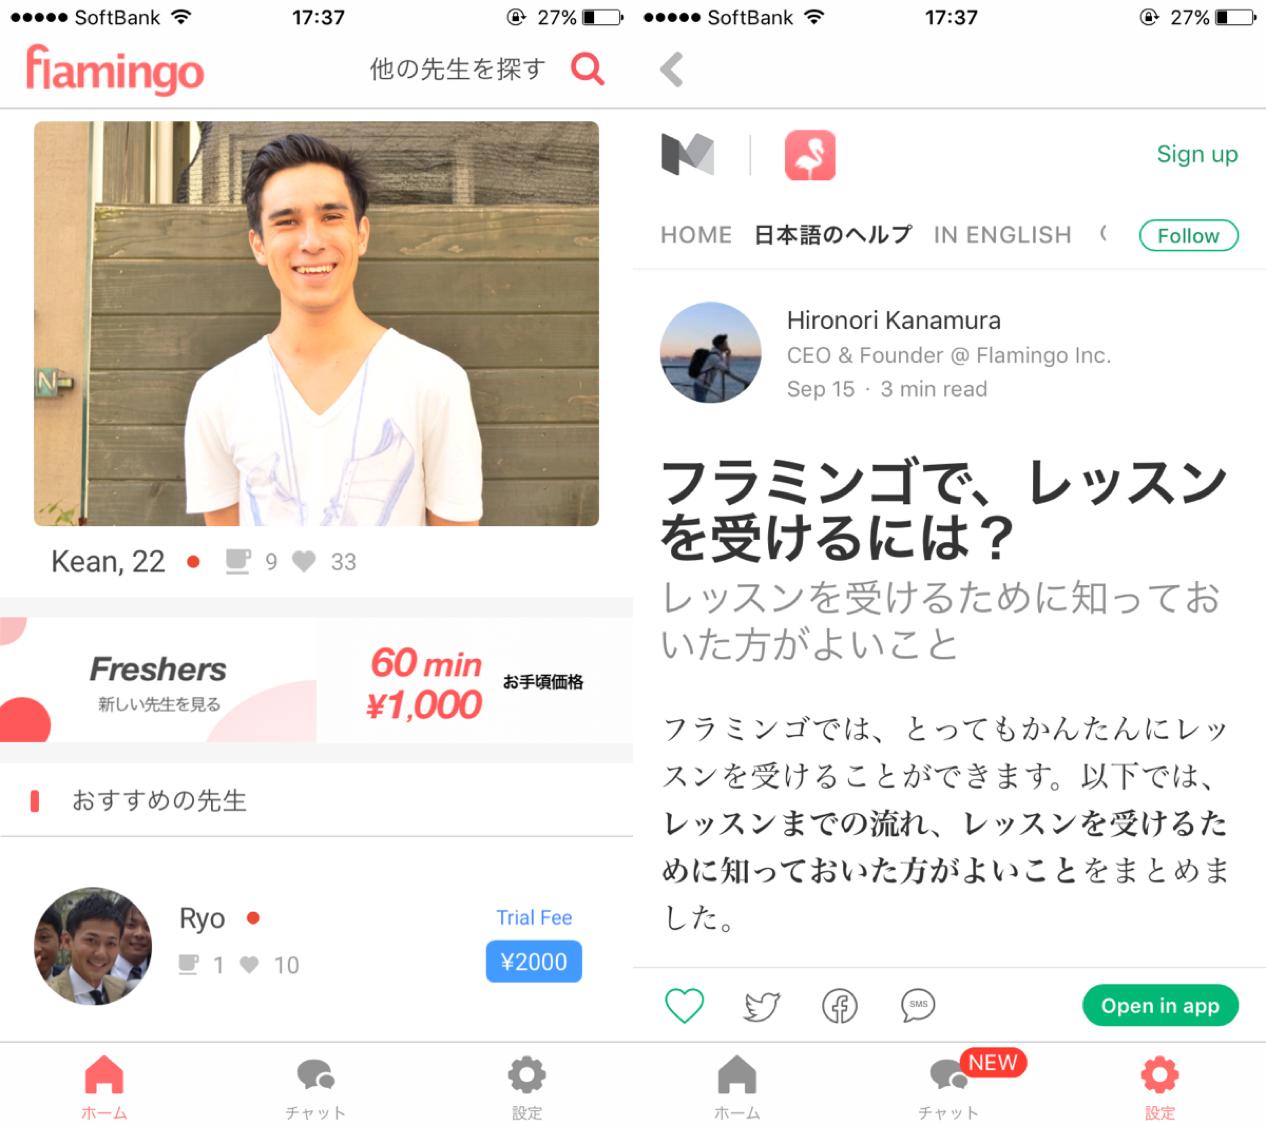 flamingo-eikaiwa-app2